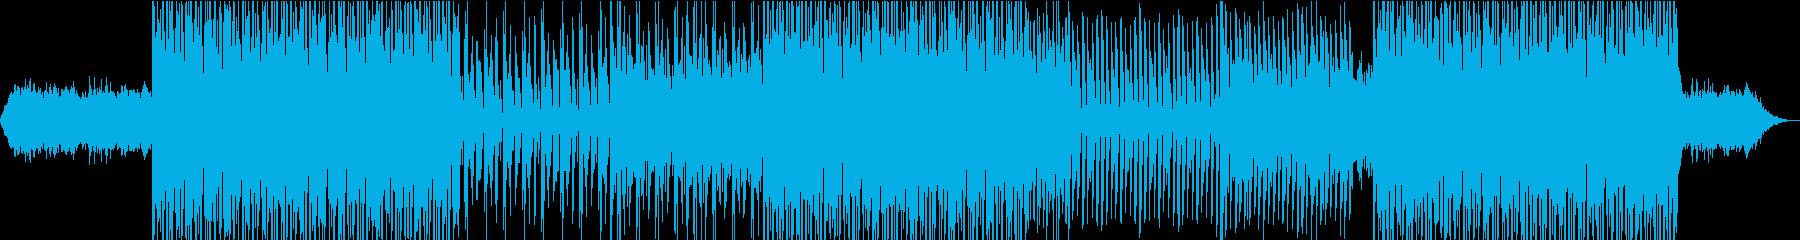 可愛くてメロディックなポップ/ダン...の再生済みの波形